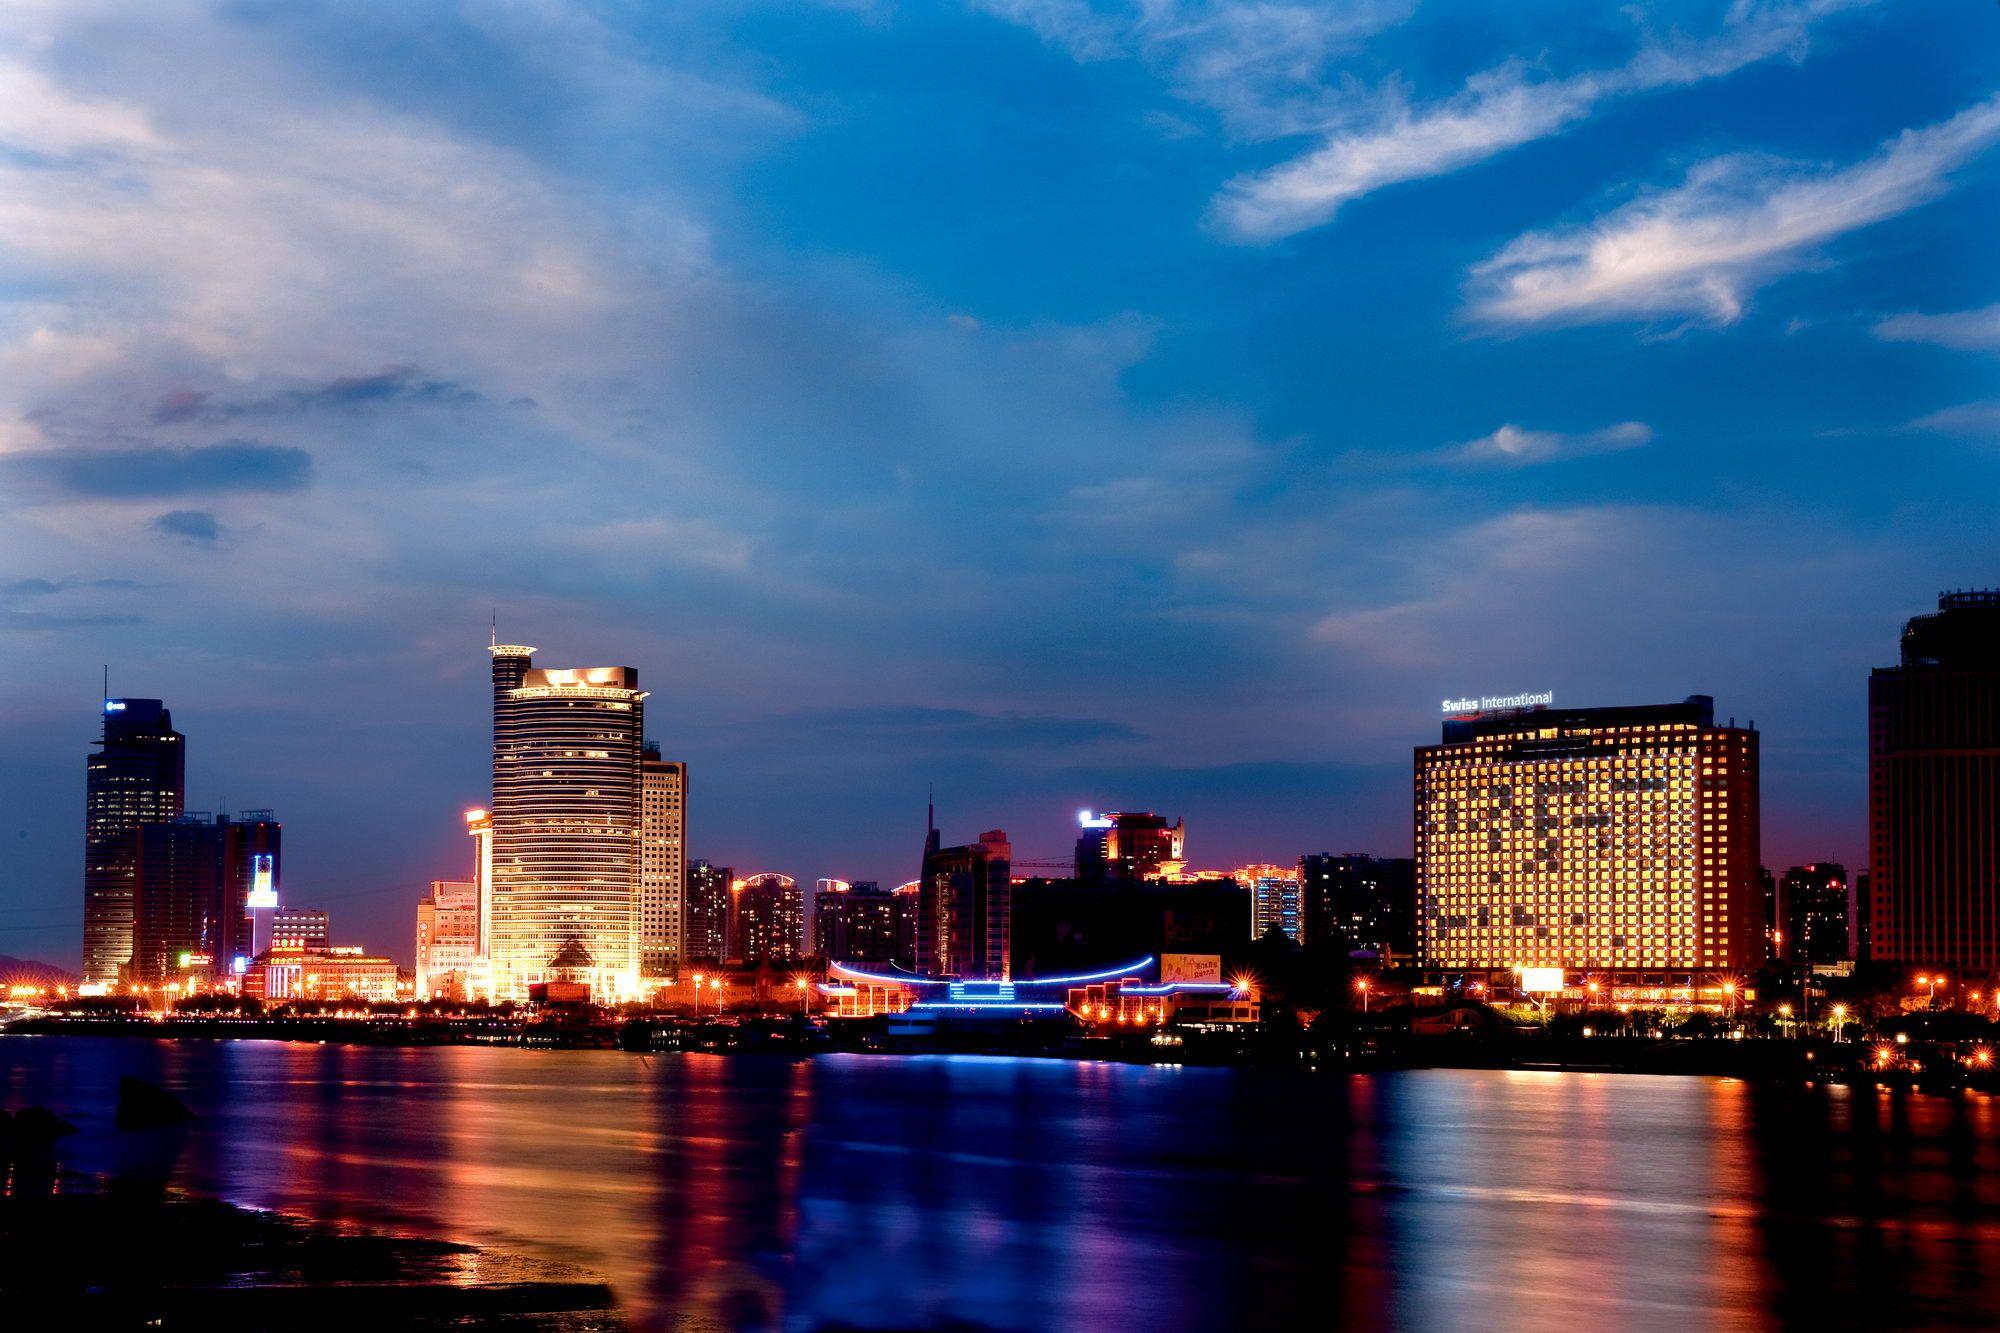 厦门瑞颐大酒店1晚(毗邻中山路)1晚含早+免费停车、WiFi、免费健身房【观鹭江夜色,眺望琴岛】